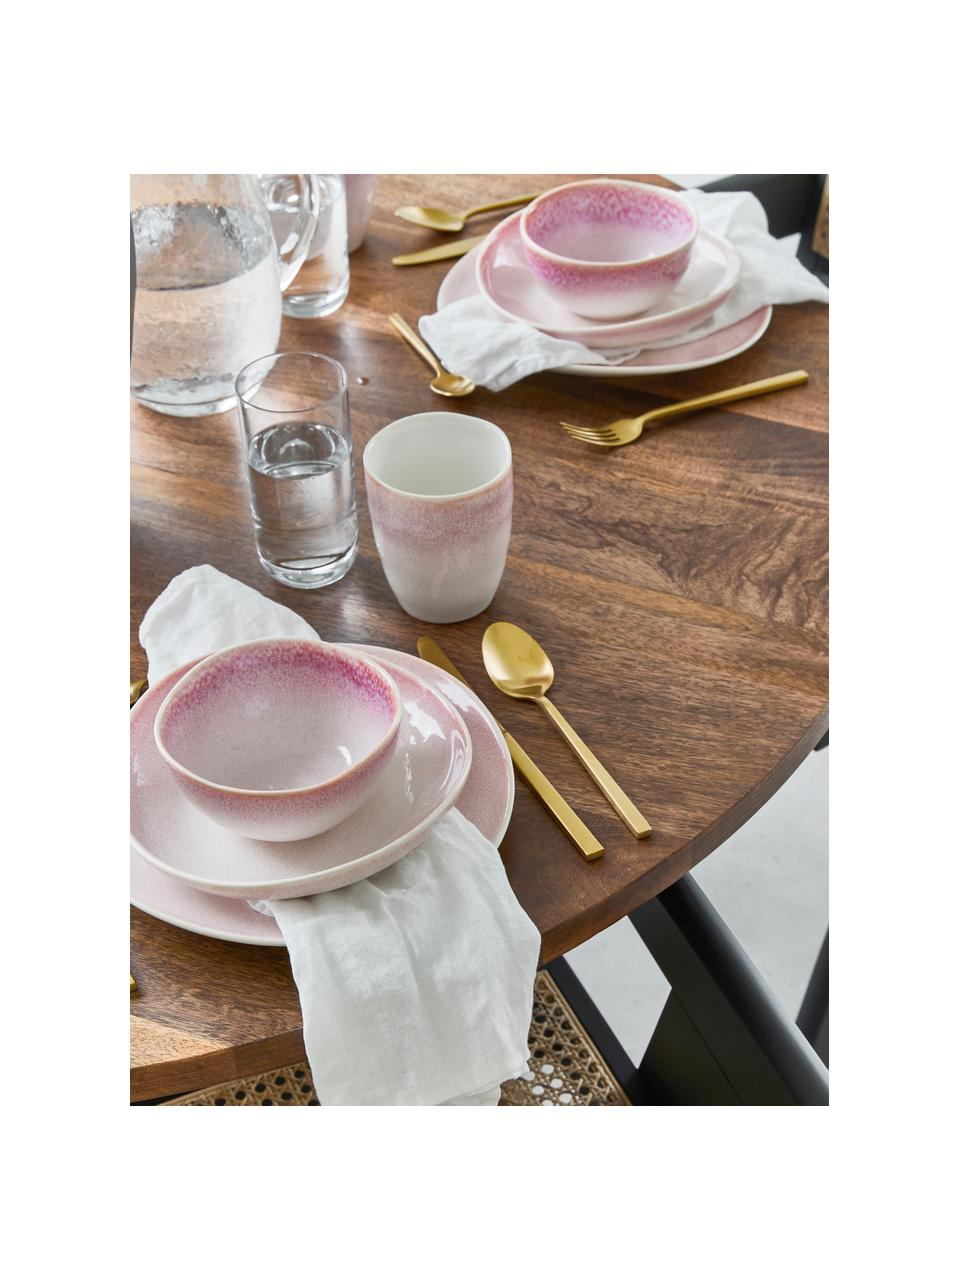 Handgemachte Speiseteller Amalia mit effektvoller Glasur, 2 Stück, Porzellan, Hellrosa, Cremeweiss, Ø 25 cm